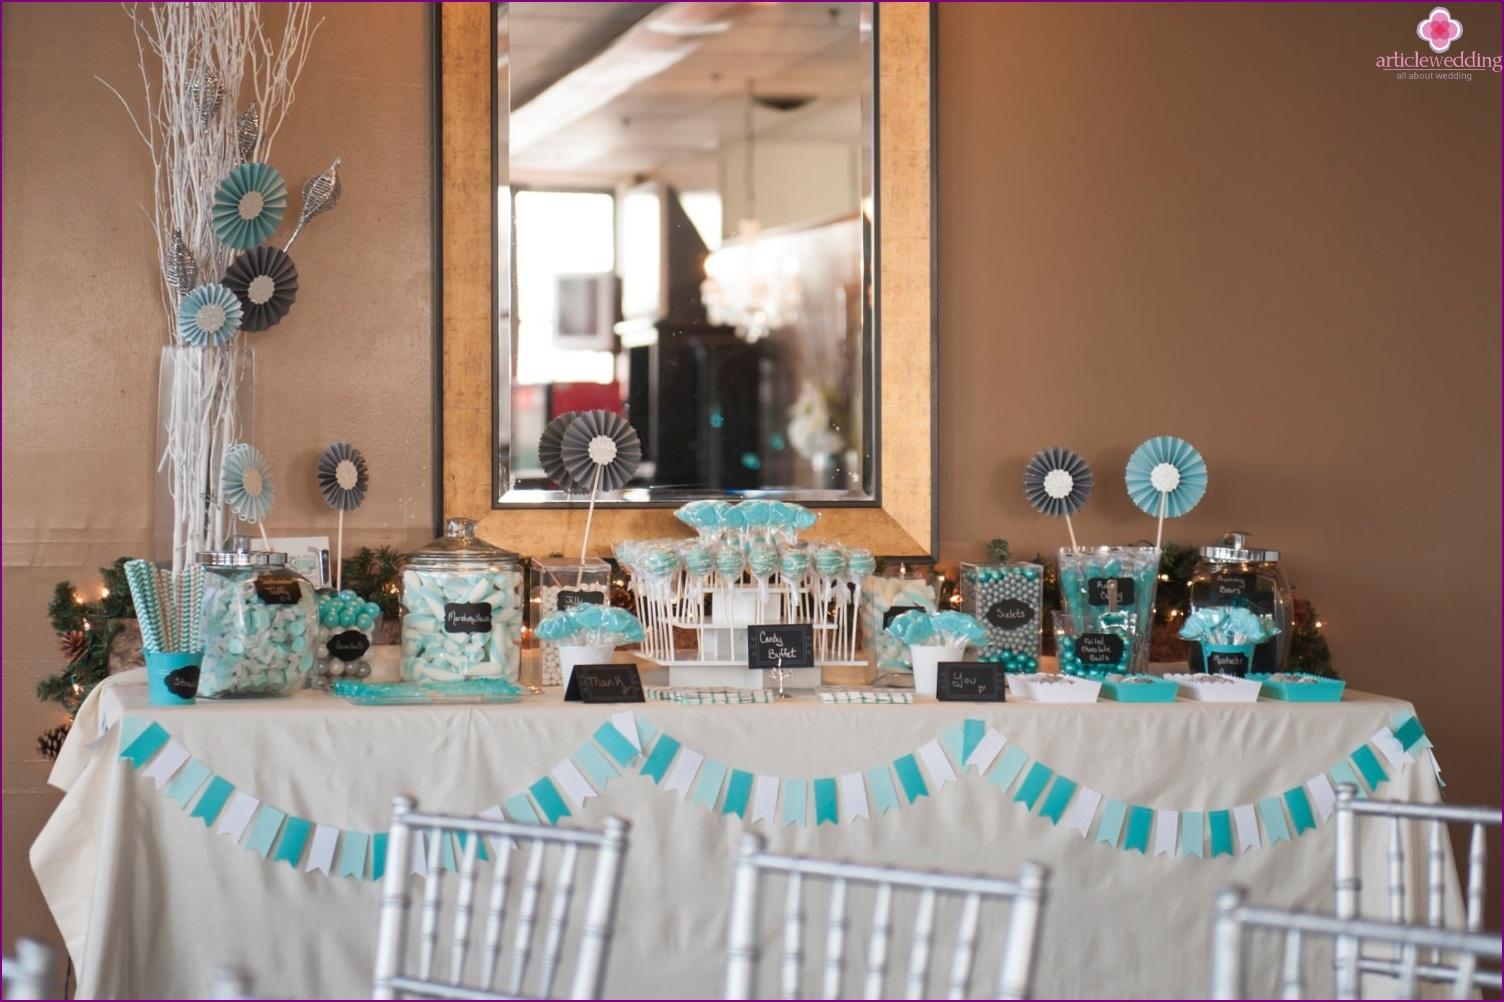 Fans in a wedding decor